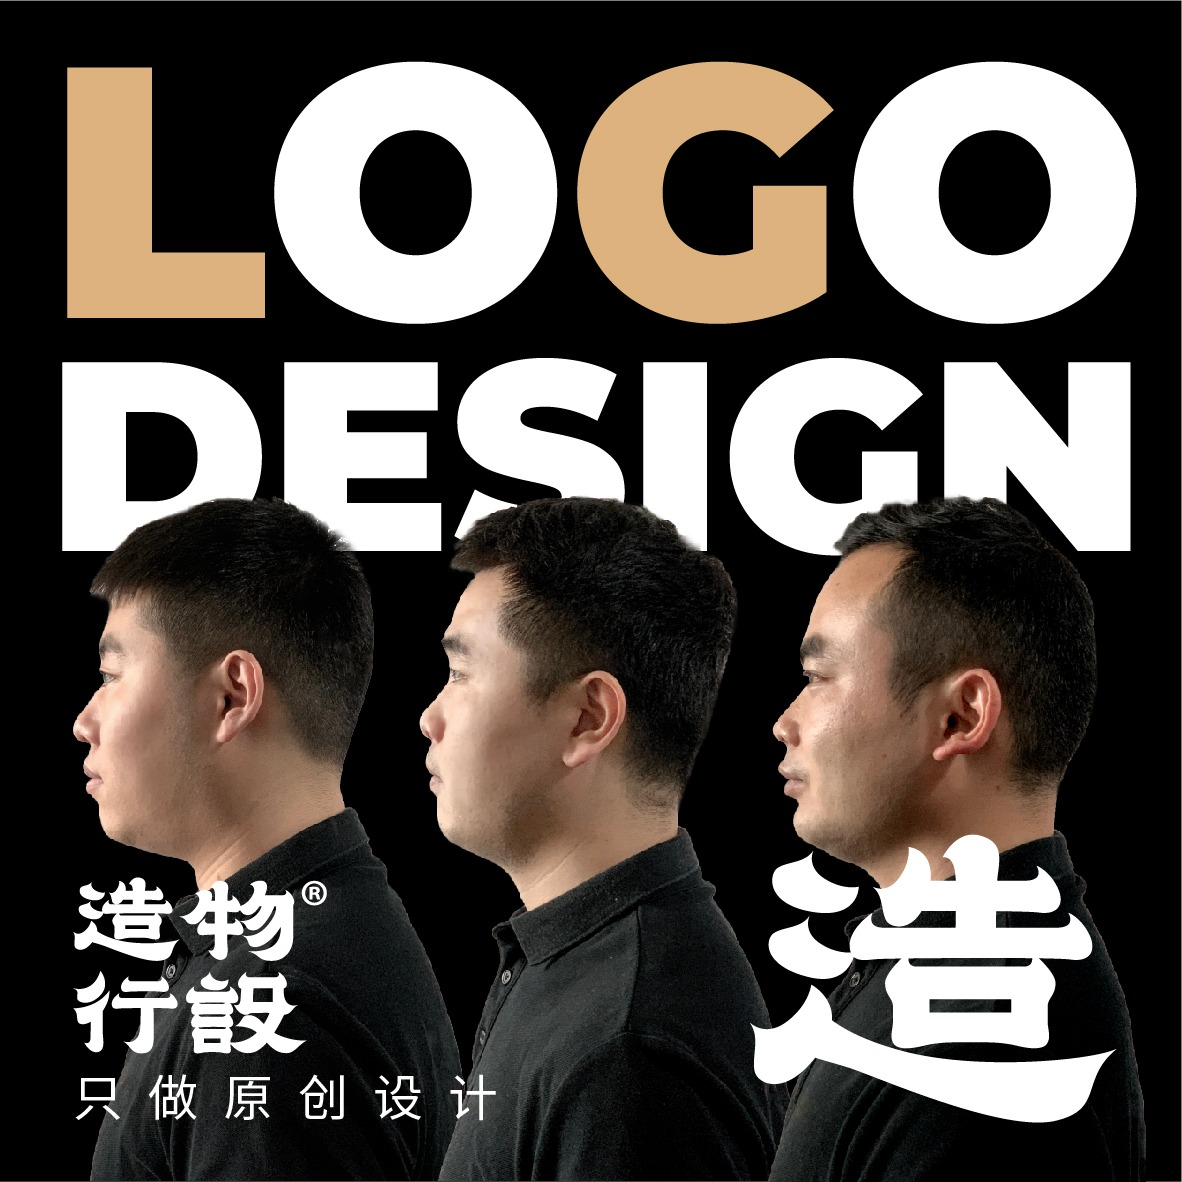 品牌企业公司logo设计图文原创标志商标LOGO图标平面设计